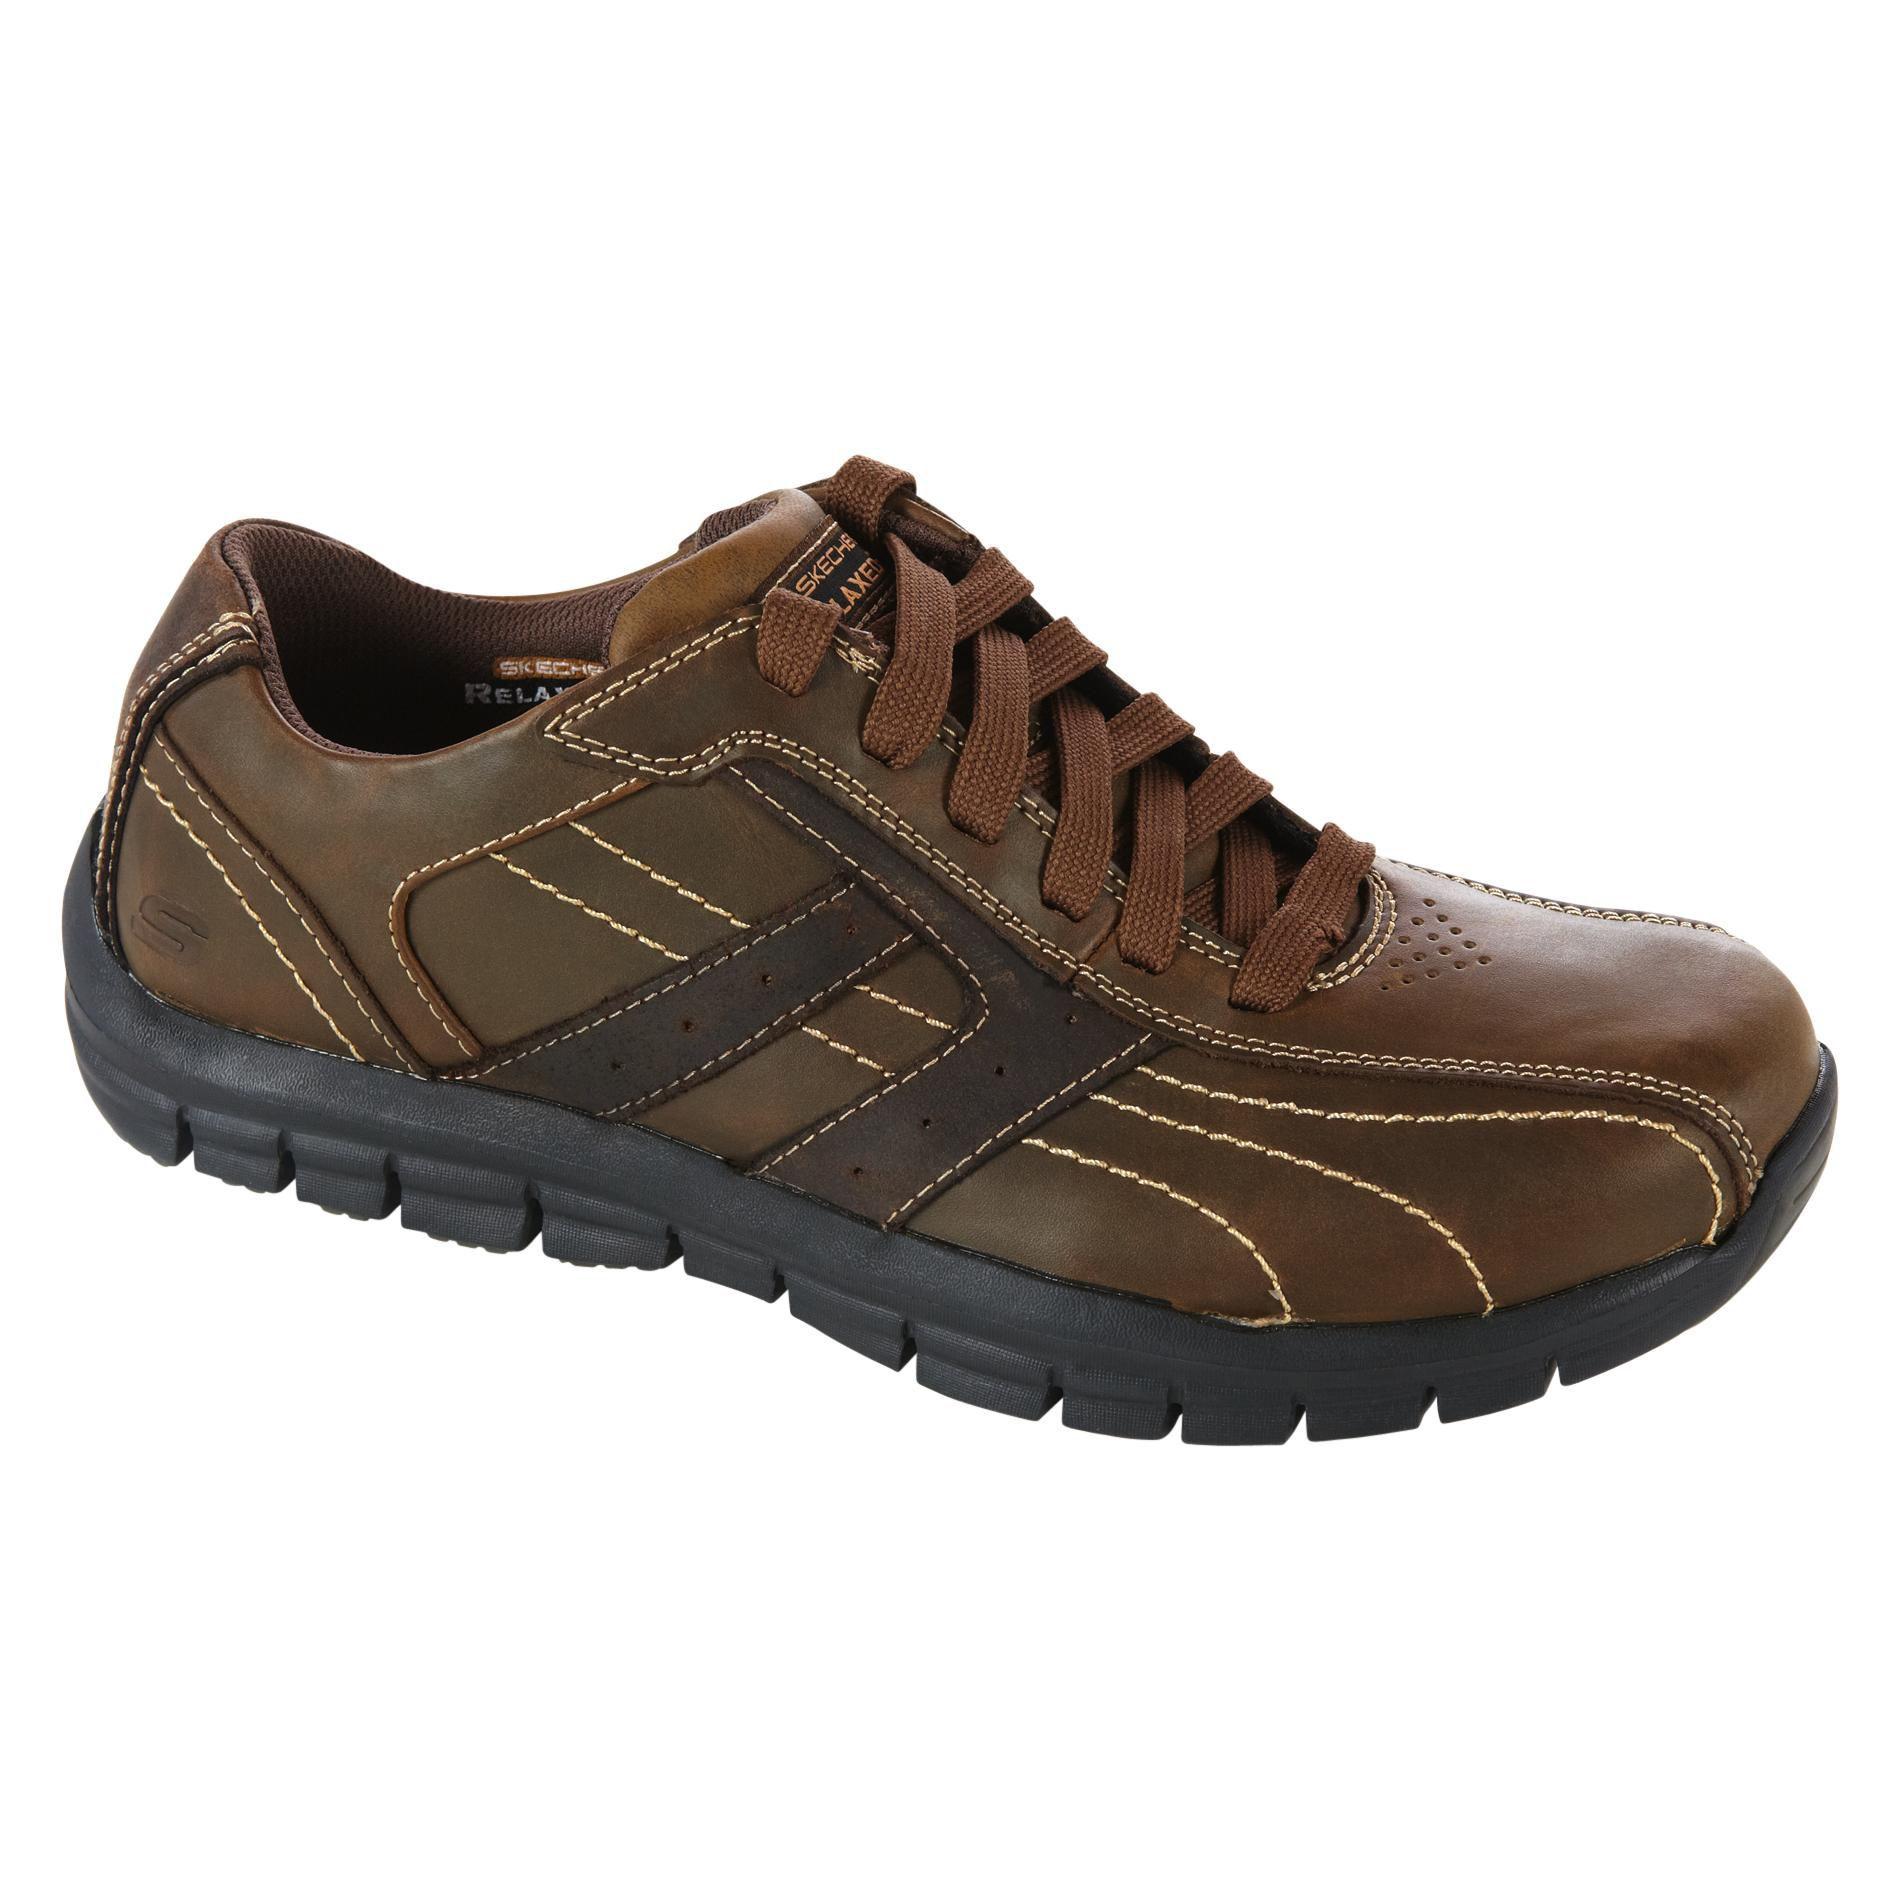 Skechers Men S Marsh Casual Shoe Brown